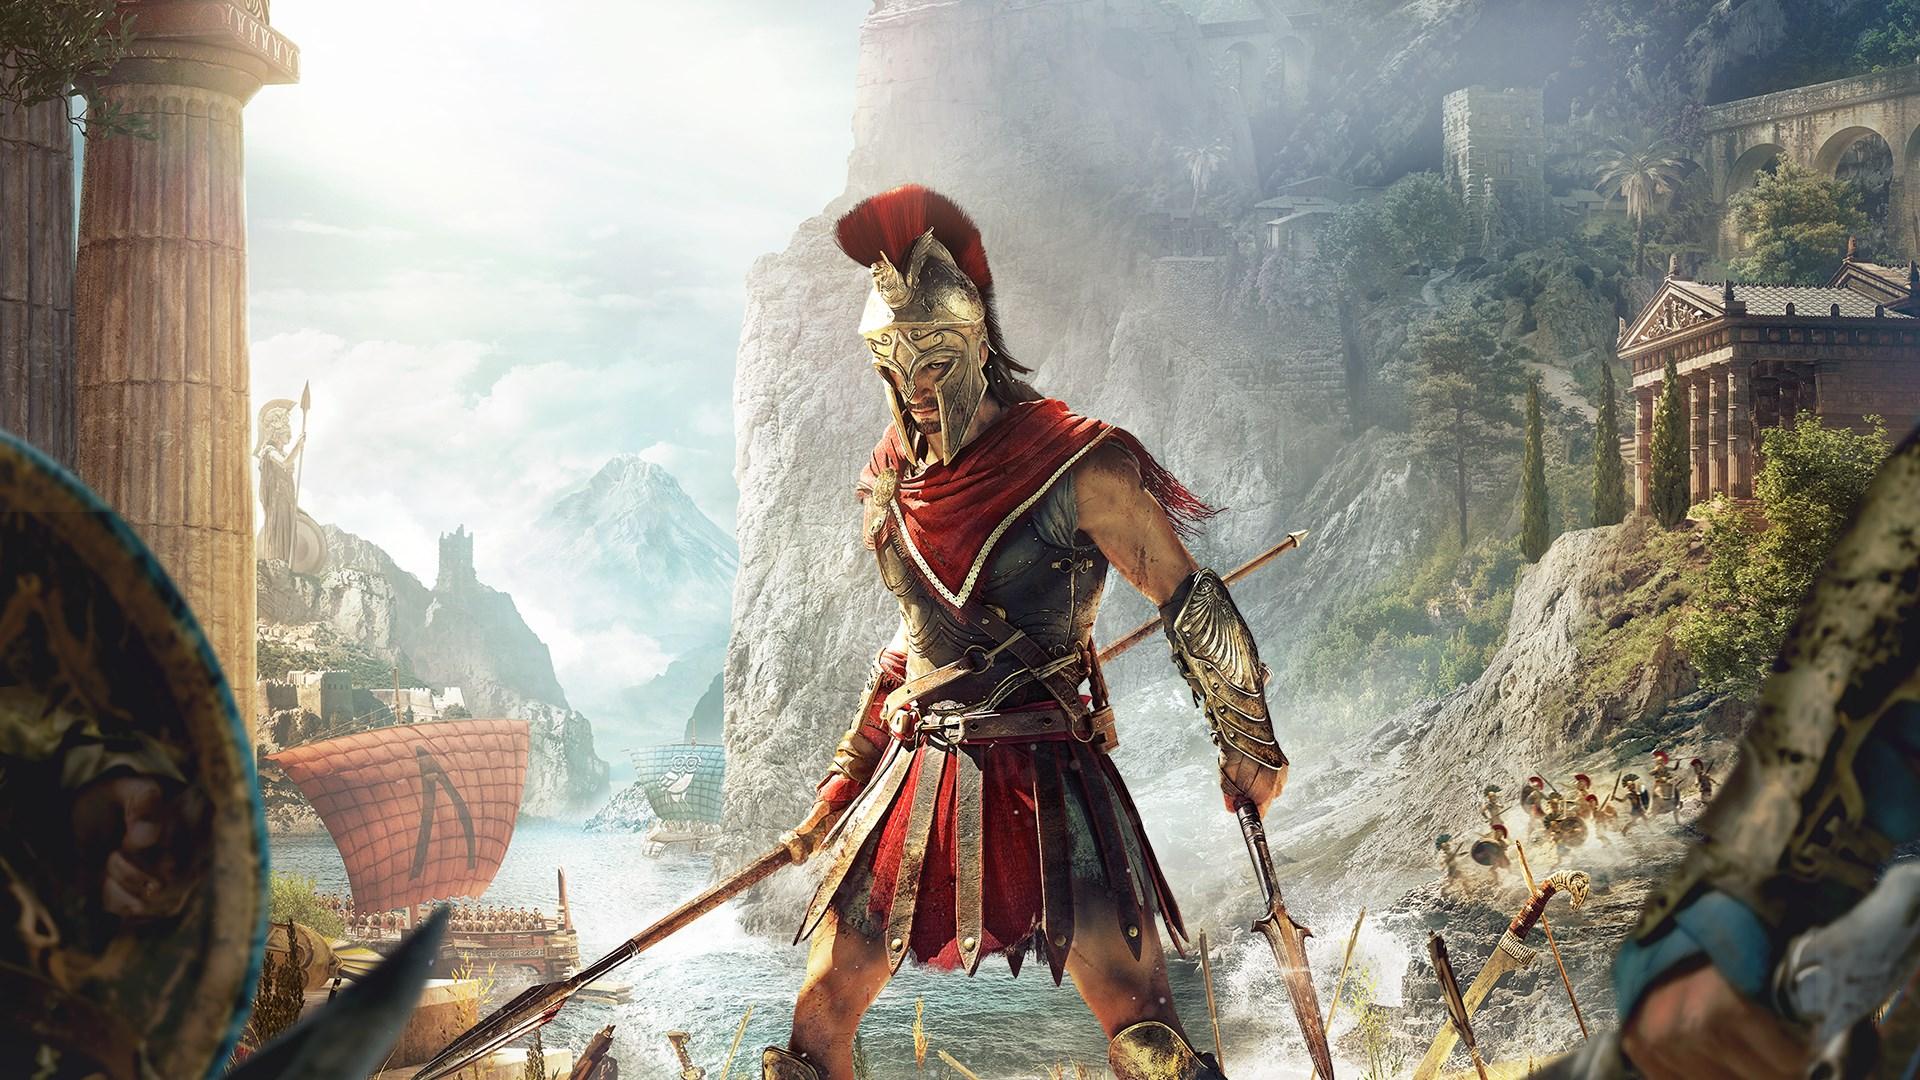 قسمت اول بستهی الحاقی The Fate of Atlantis بازی Assassin's Creed Odyssey برای یک هفته رایگان خواهد بود